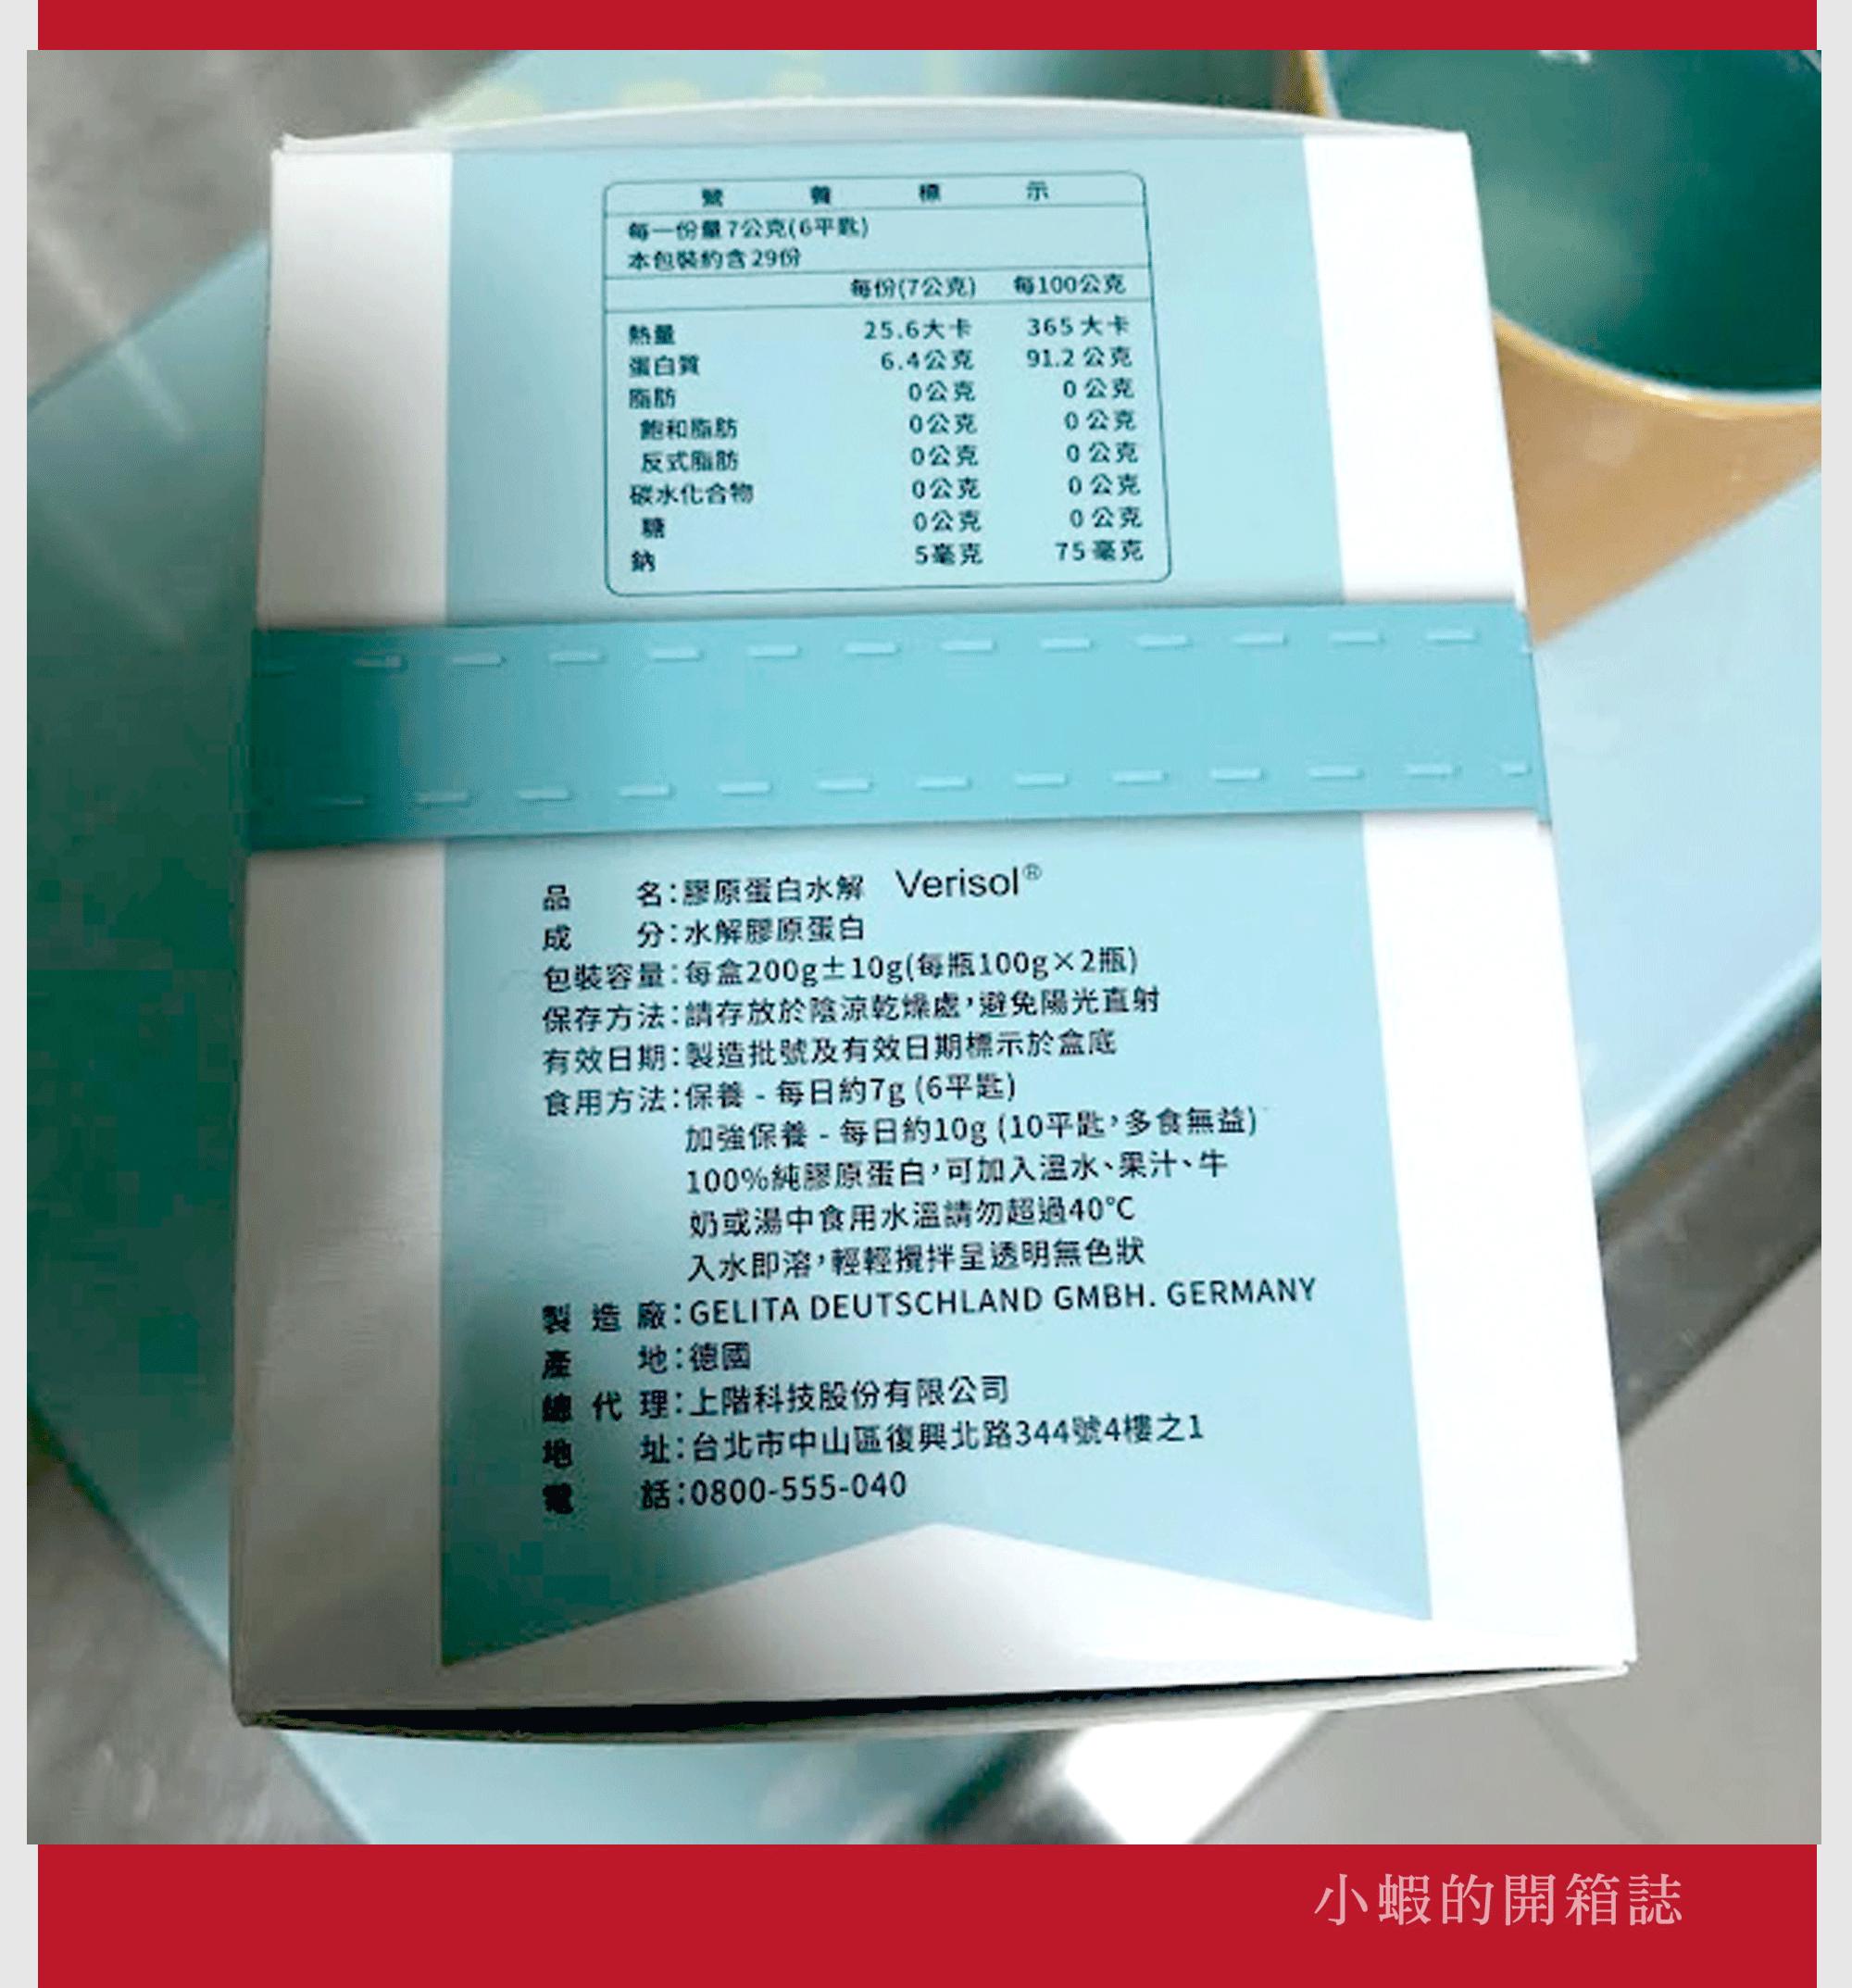 鬘夫人膠原蛋白水解成分表與包裝,膠原蛋白